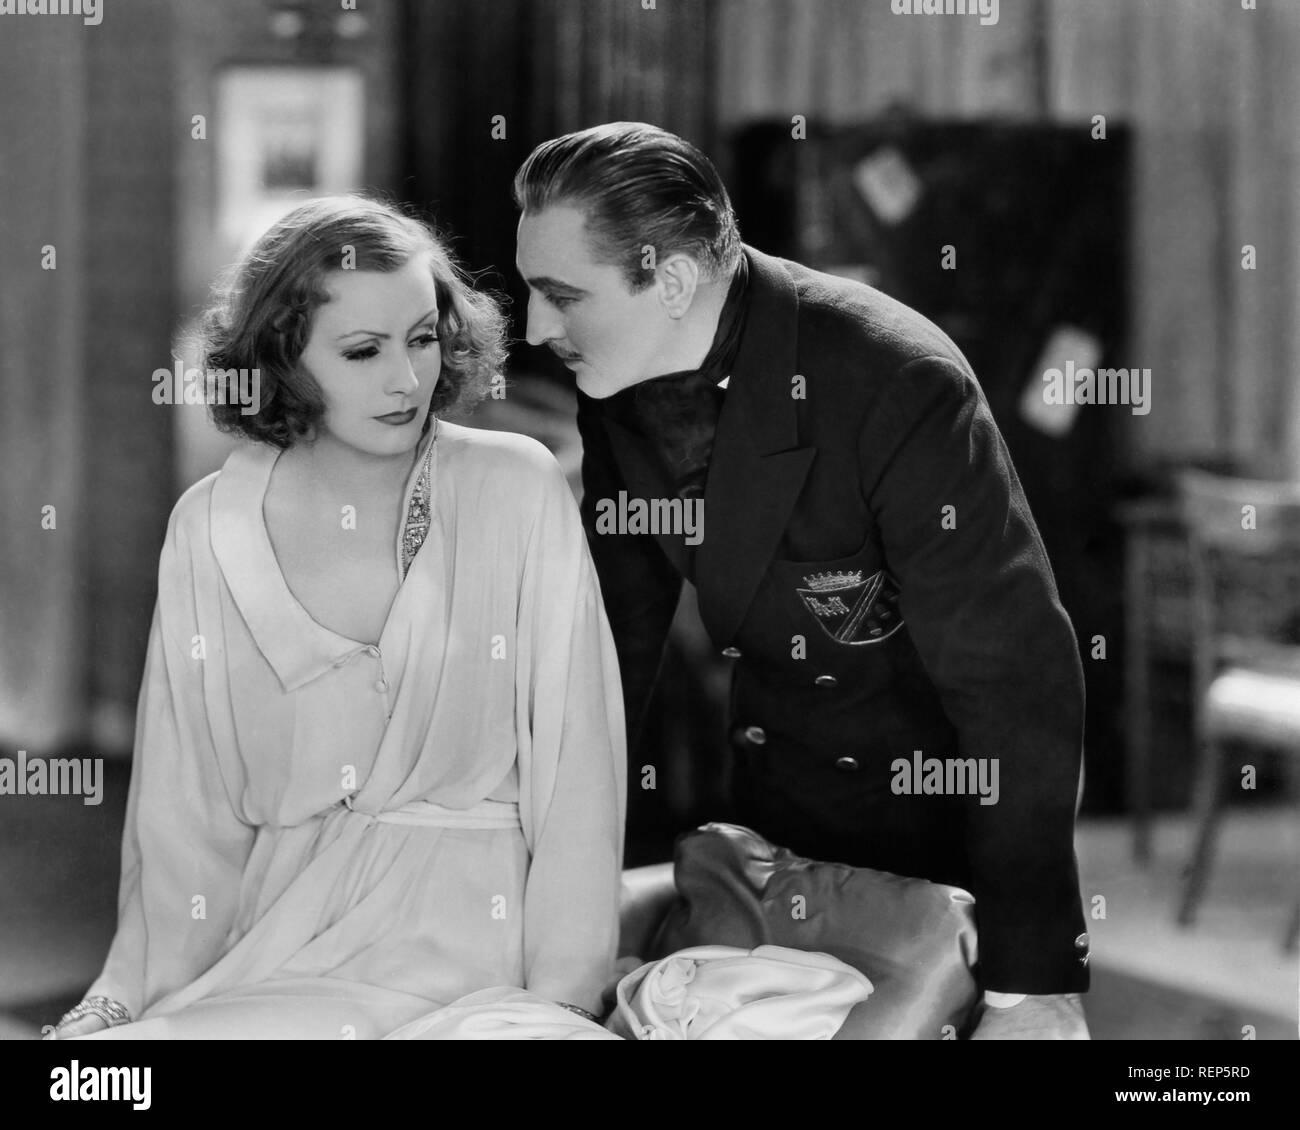 Grand Hotel  Year : 1932 USA Director : Edmund Goulding Greta Garbo, John Barrymore - Stock Image